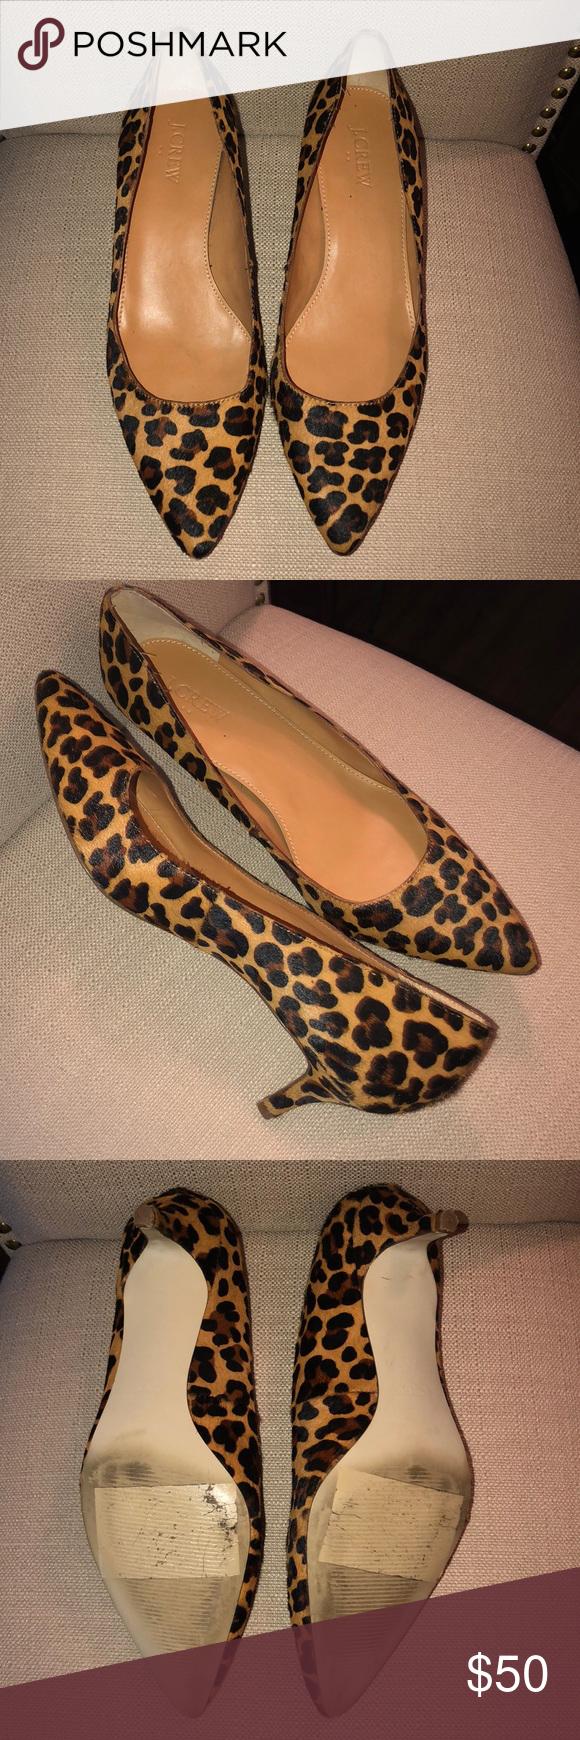 8bfa0fa2922a JCrew Leopard Kitten Heel Size 8.5 JCrew calf hair leopard print kitten heel.  Great with skirts